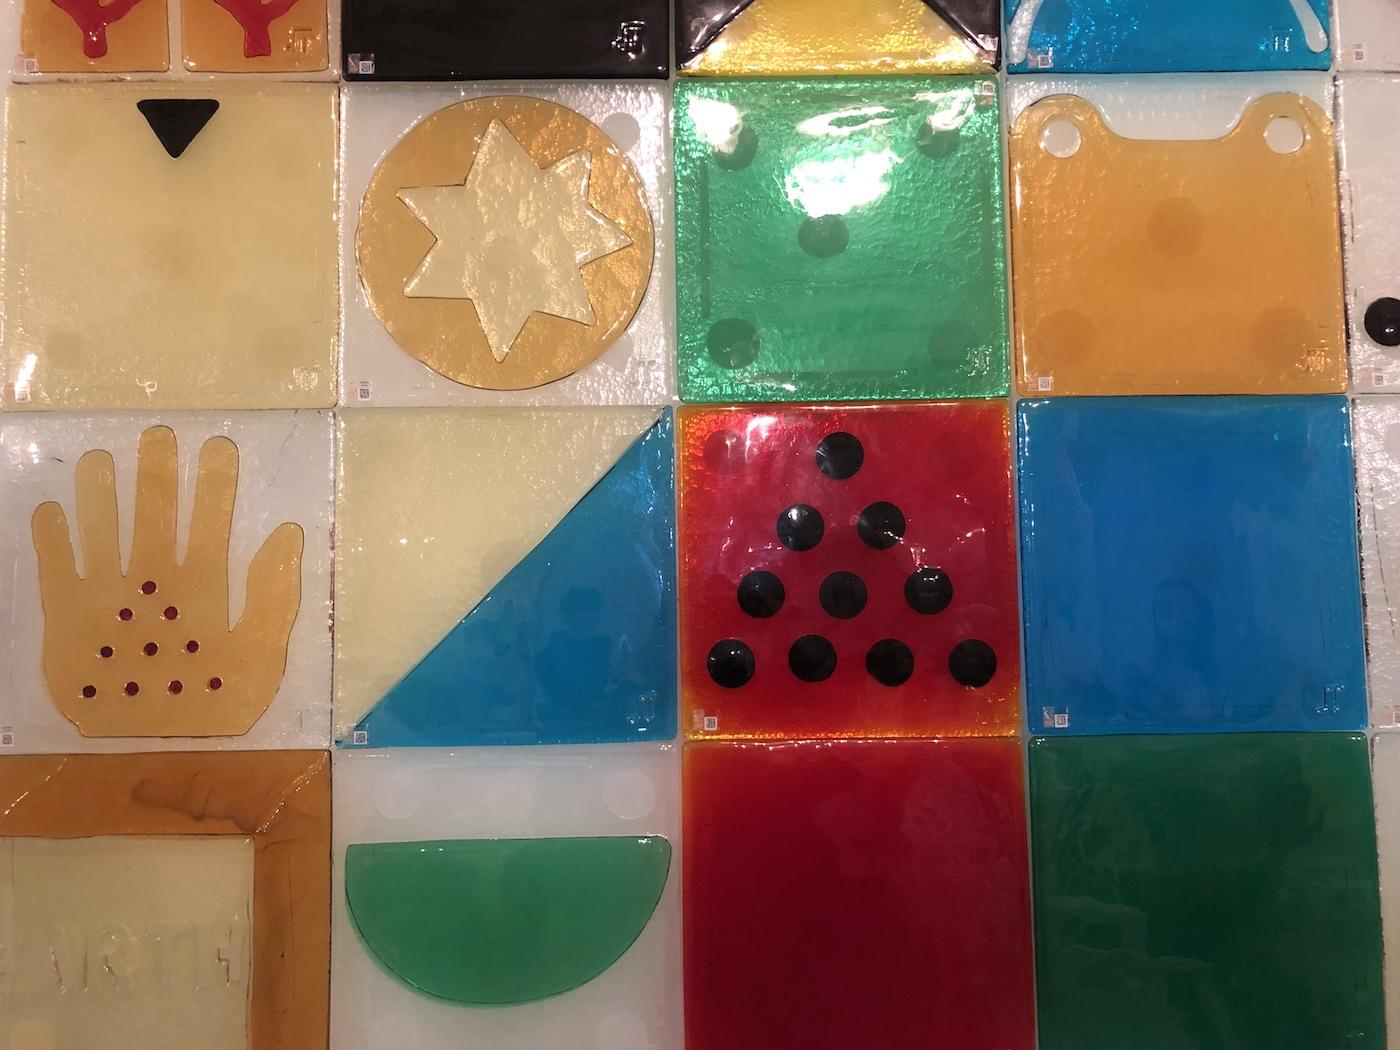 Particolare delle piastrelle in vetro ideate da Joe Tilson